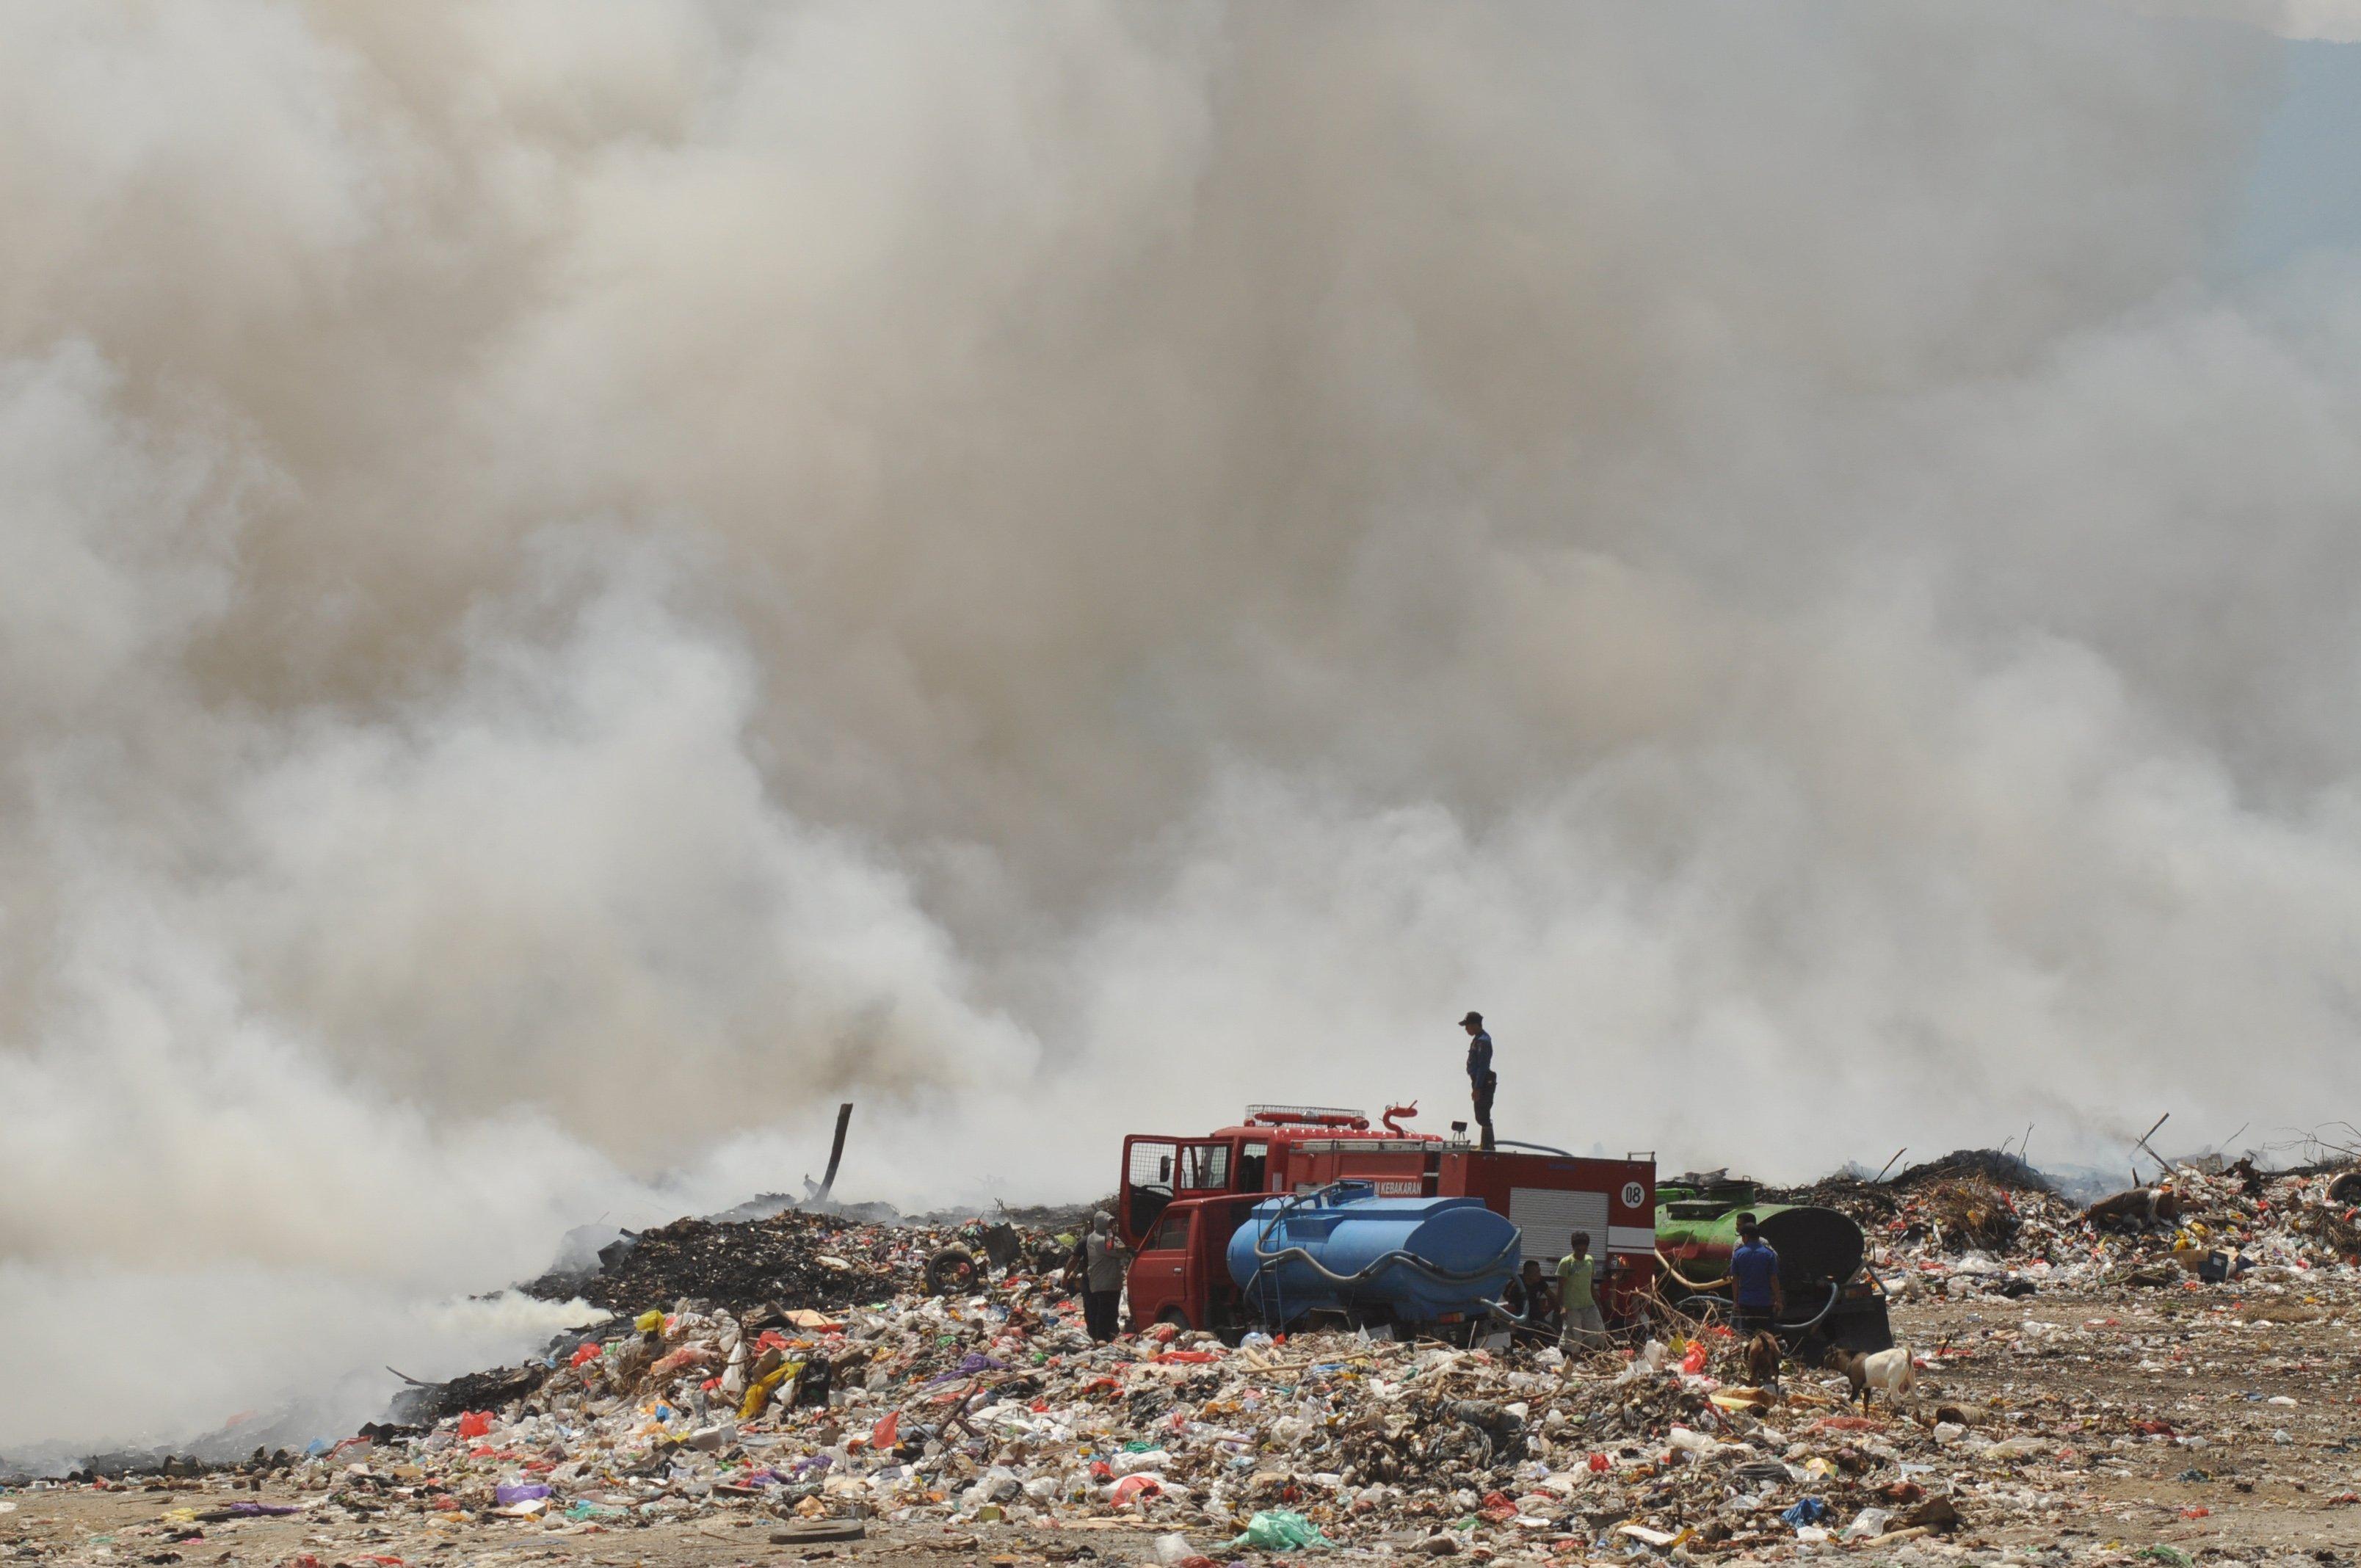 Petugas berusaha memadamkan api pada peristiwa kebakaran di TPA Kawatuna, Palu, Sulawesi Tengah, Minggu (17/11/2019). Belum diketahui secara pasti penyebab kebakaran yang terjadi sejak pukul 10.00 WITA tersebut. Banyaknya bahan yang mudah terbakar disertai angin kencang membuat api masih sulit dipadamkan dan terus berkobar hingga menjelang sore.